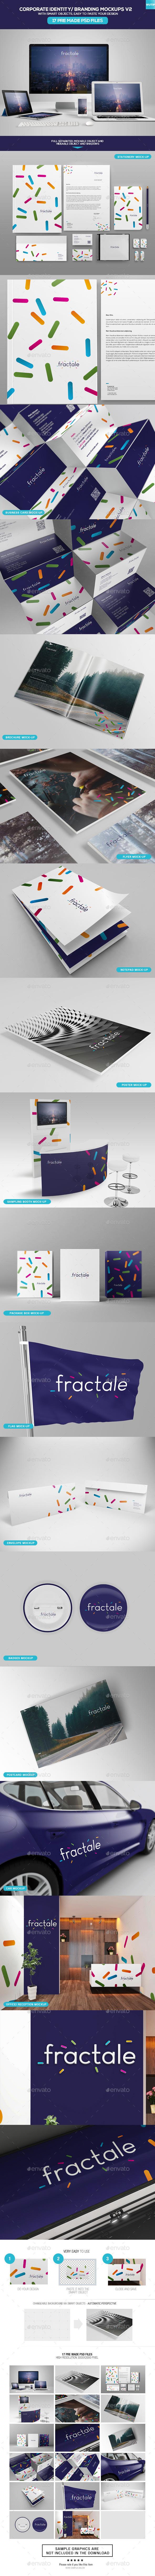 Corporate Identity - Branding Mockups V2